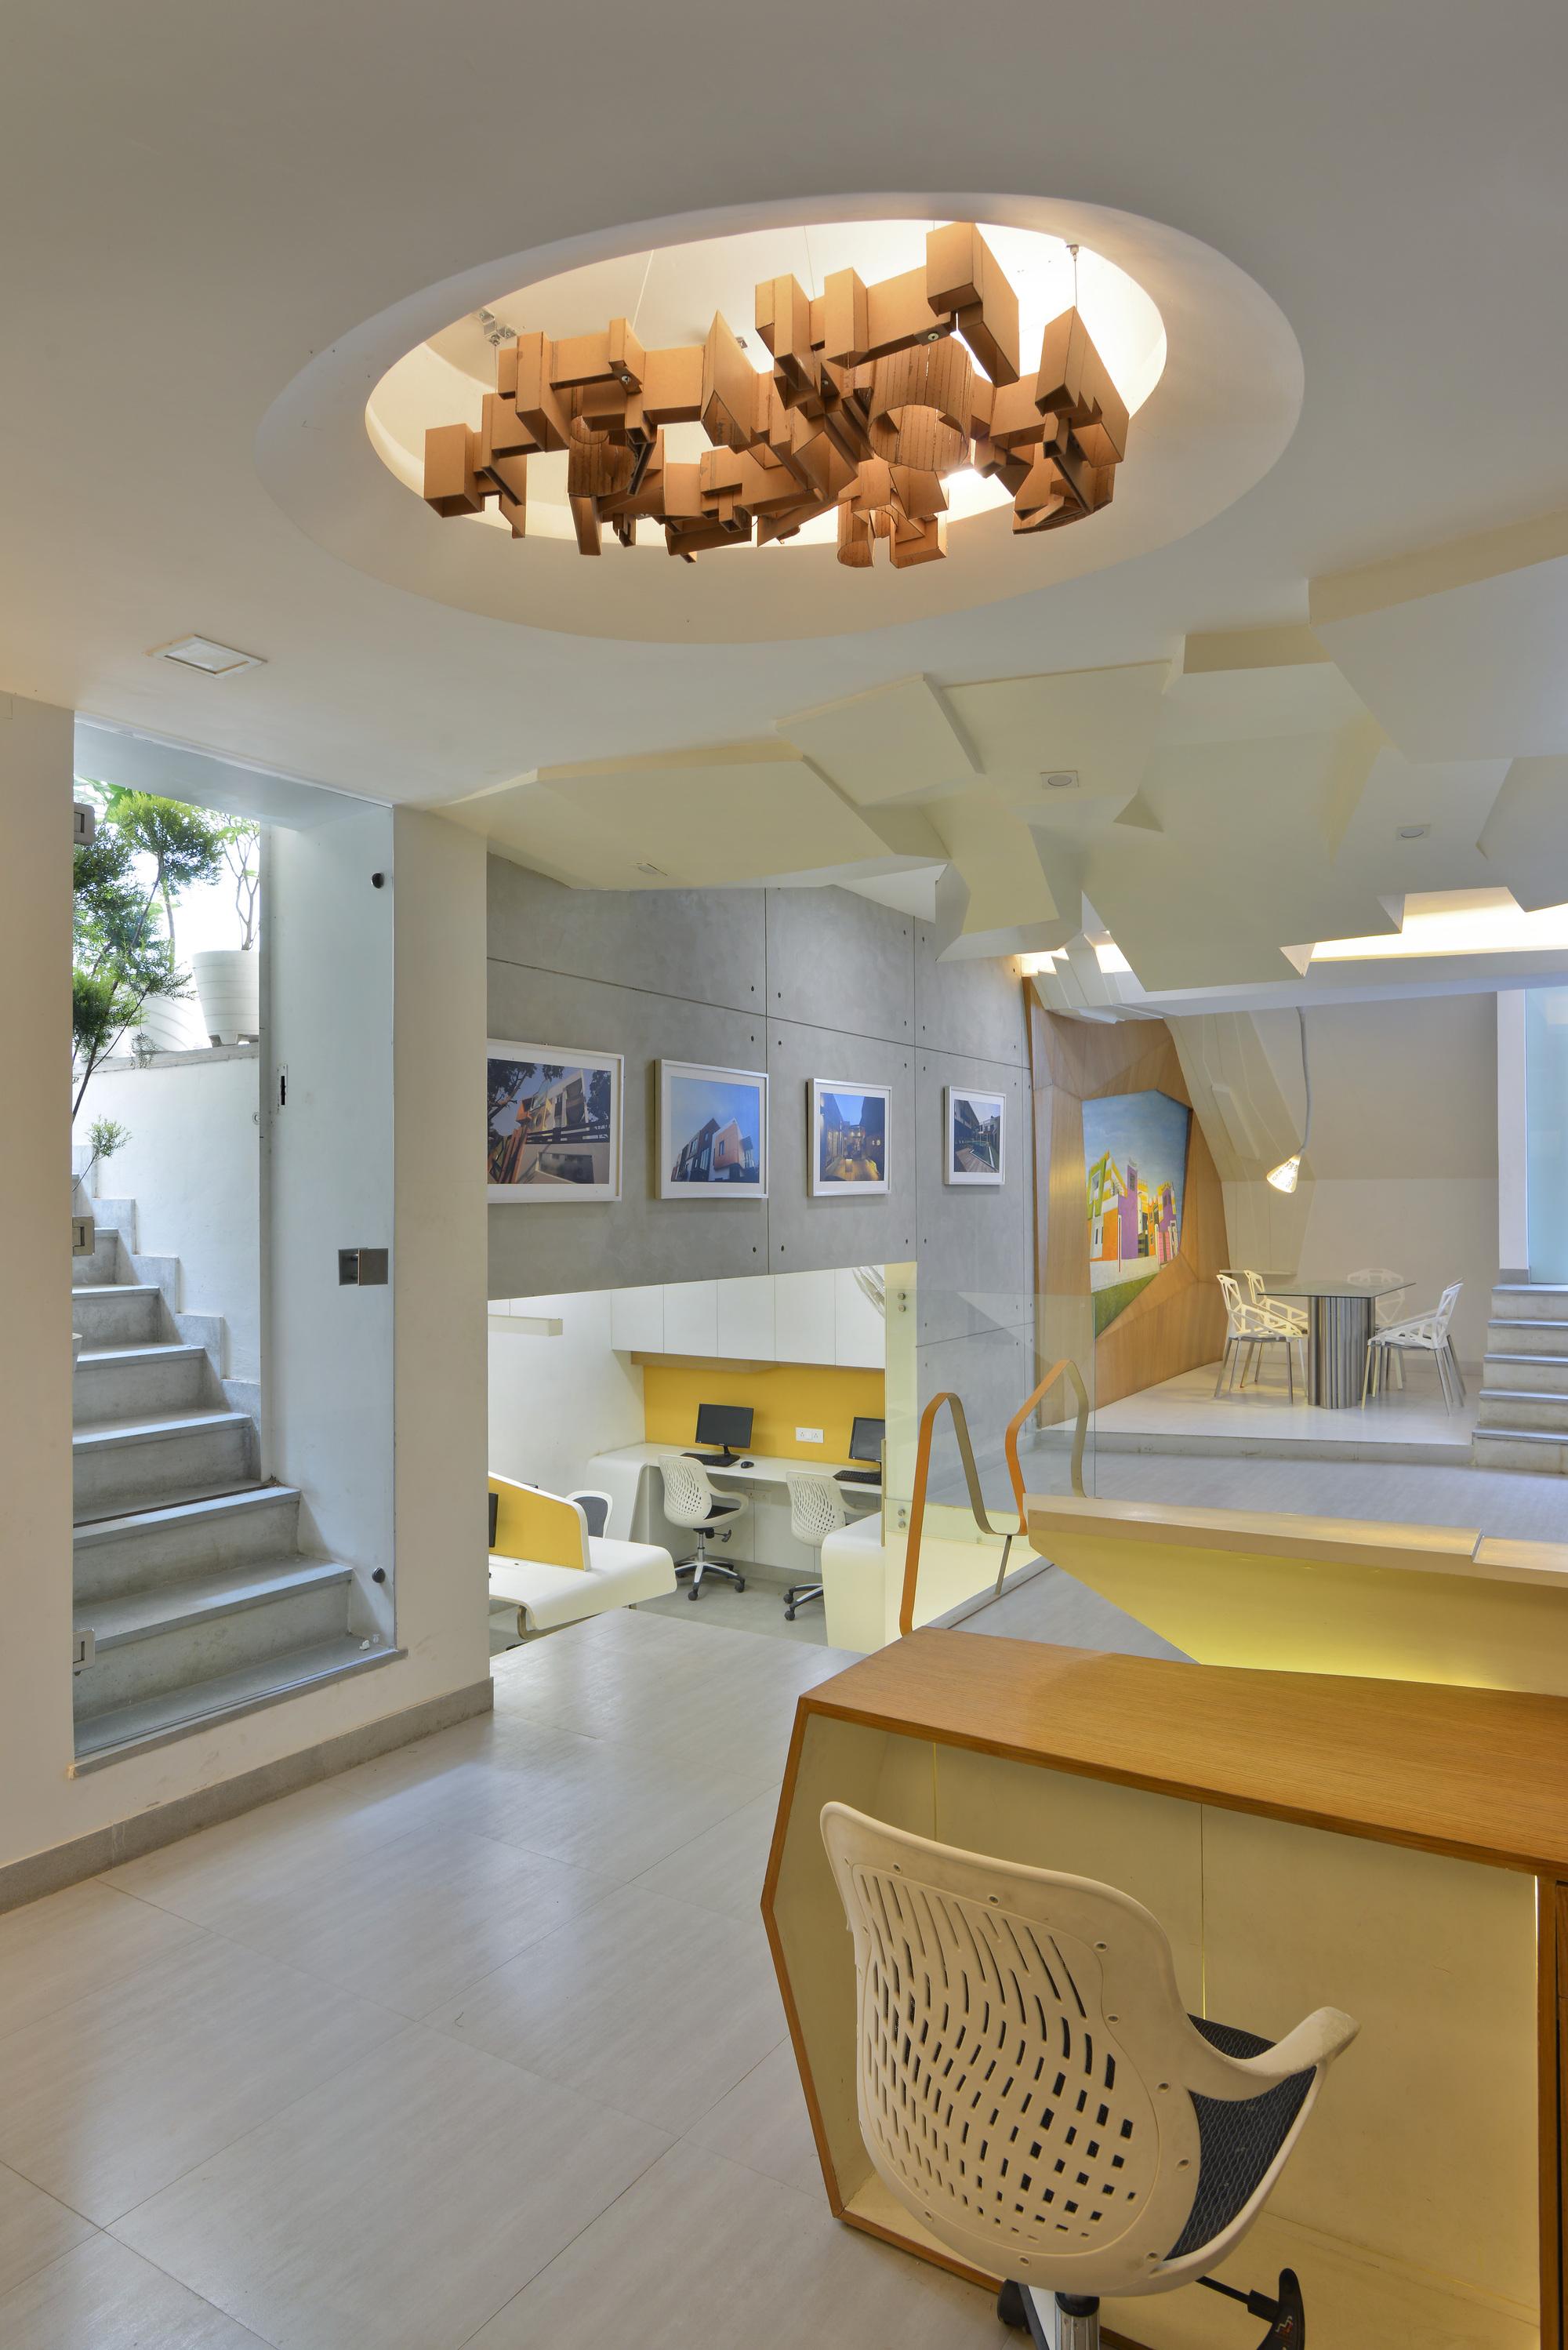 thiết kế nội thất văn phòng tron gói tại hà nội